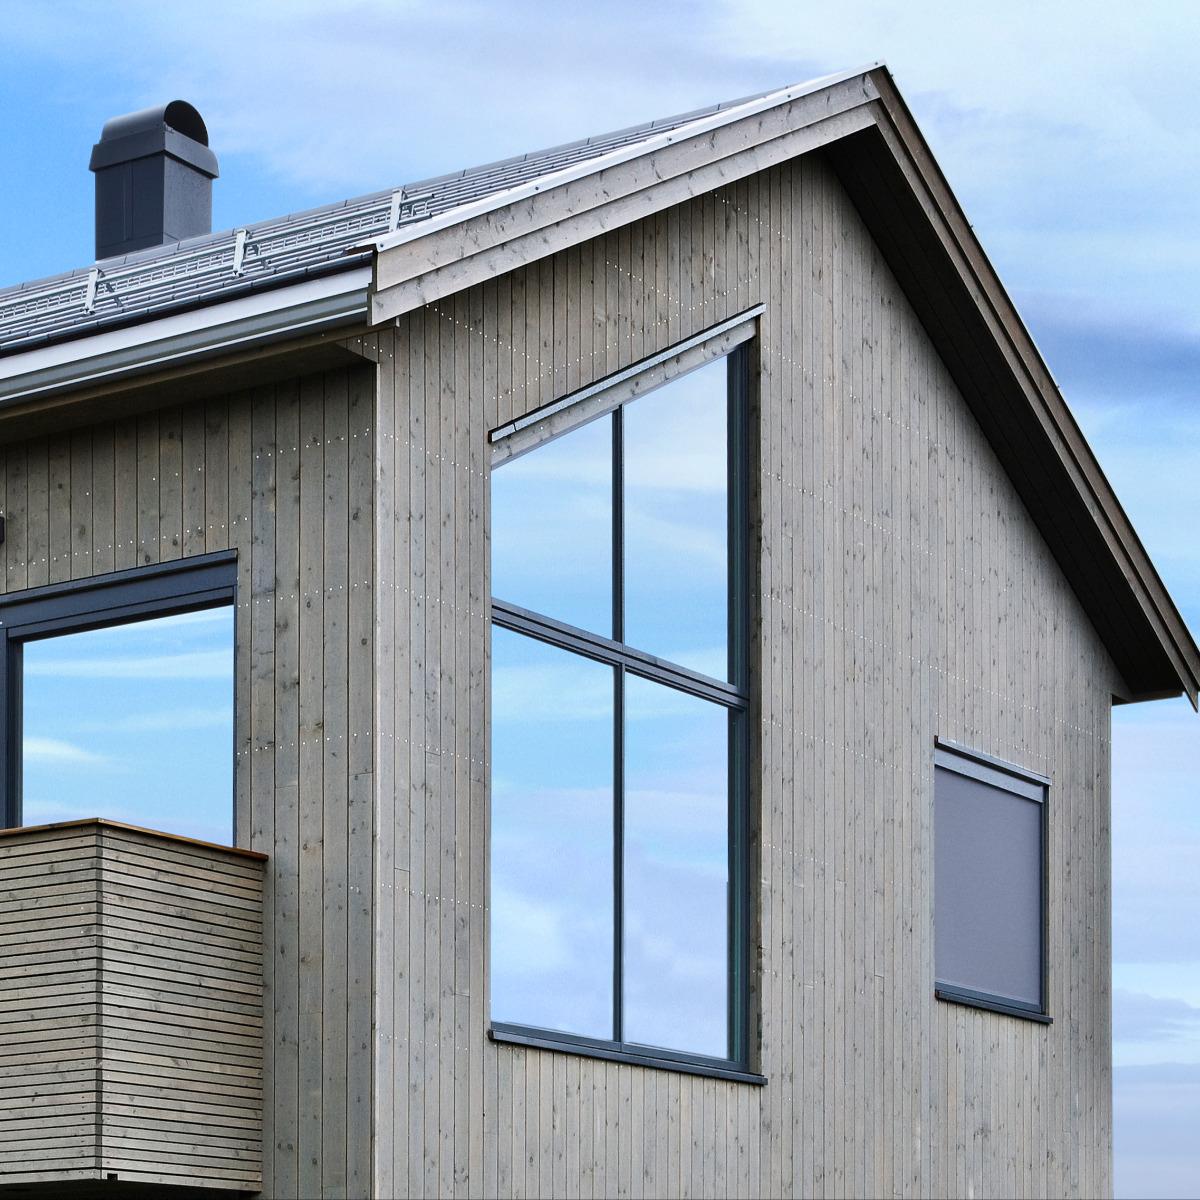 I Ås har vi bygget en Kneppen med kledning fra Superwood. De har utviklet en miljøvennlig treimpregnering som beskytter treet helt inn til kjernen, og gjør kledningen helt vedlikeholdsfri